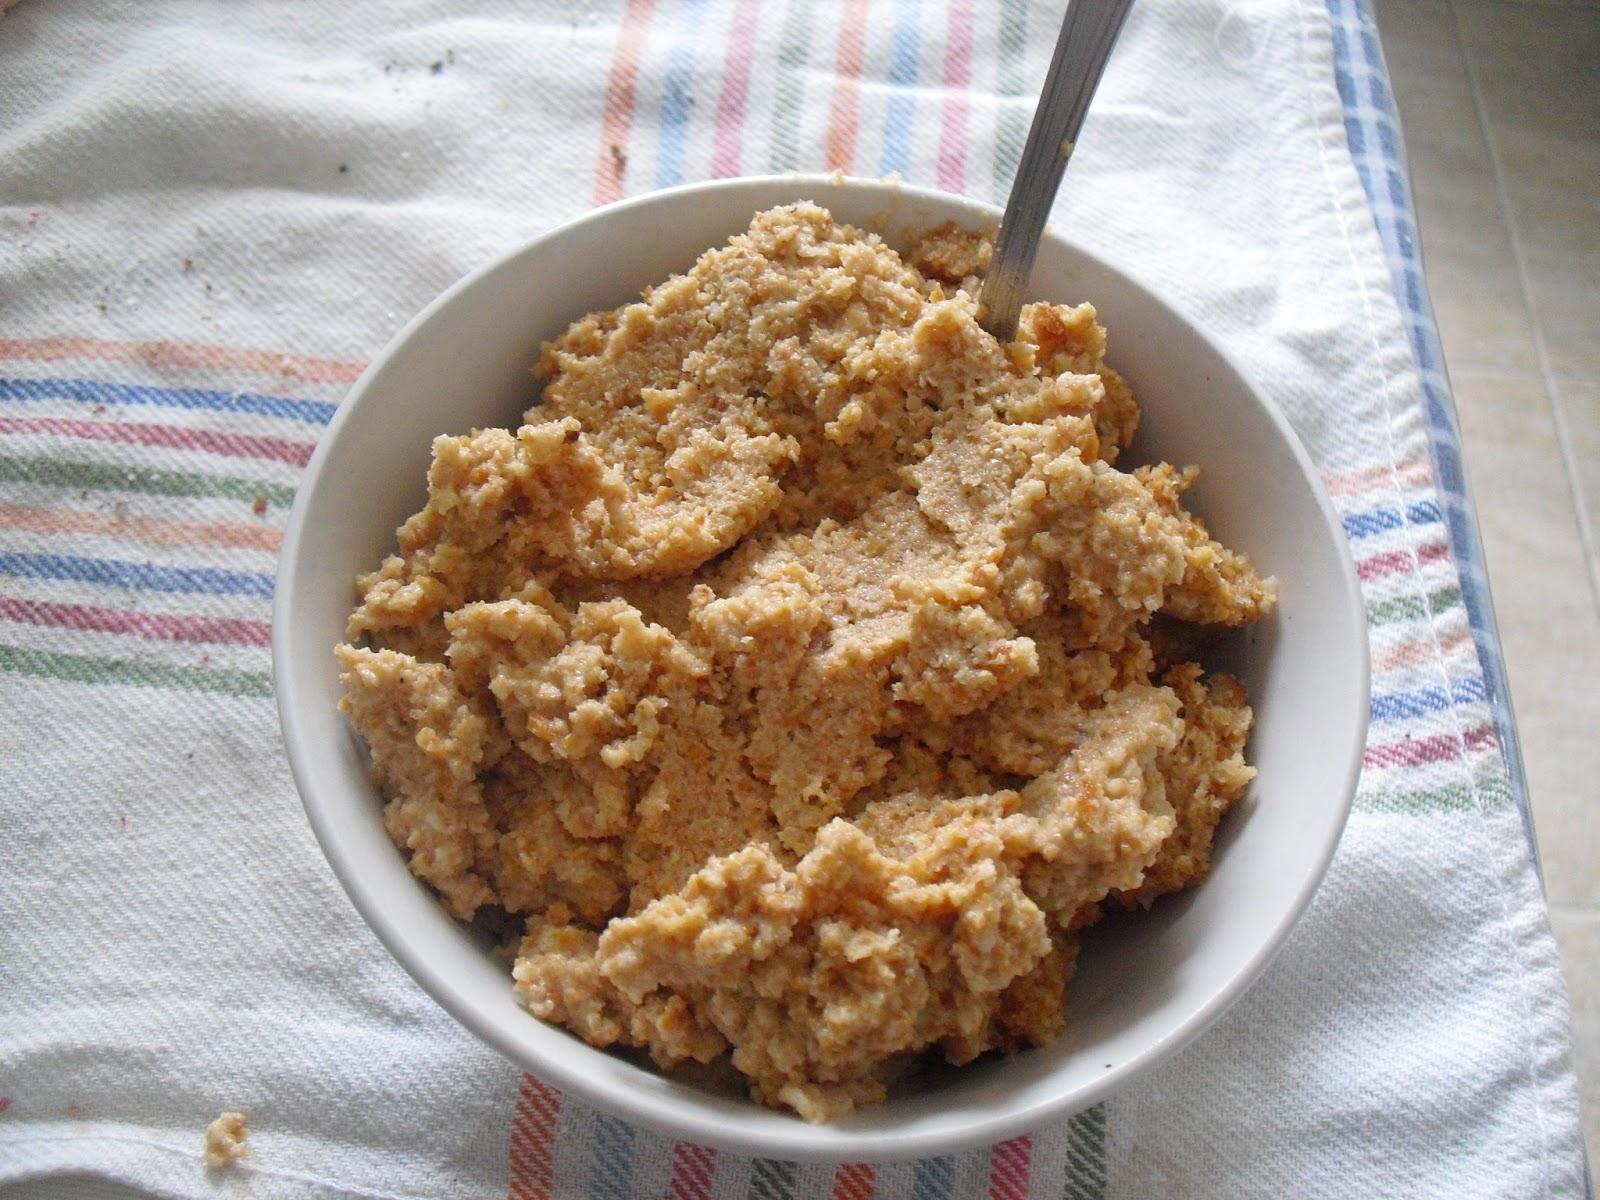 La buena cocina f cil pollo con almendras - Pollo con almendras facil ...